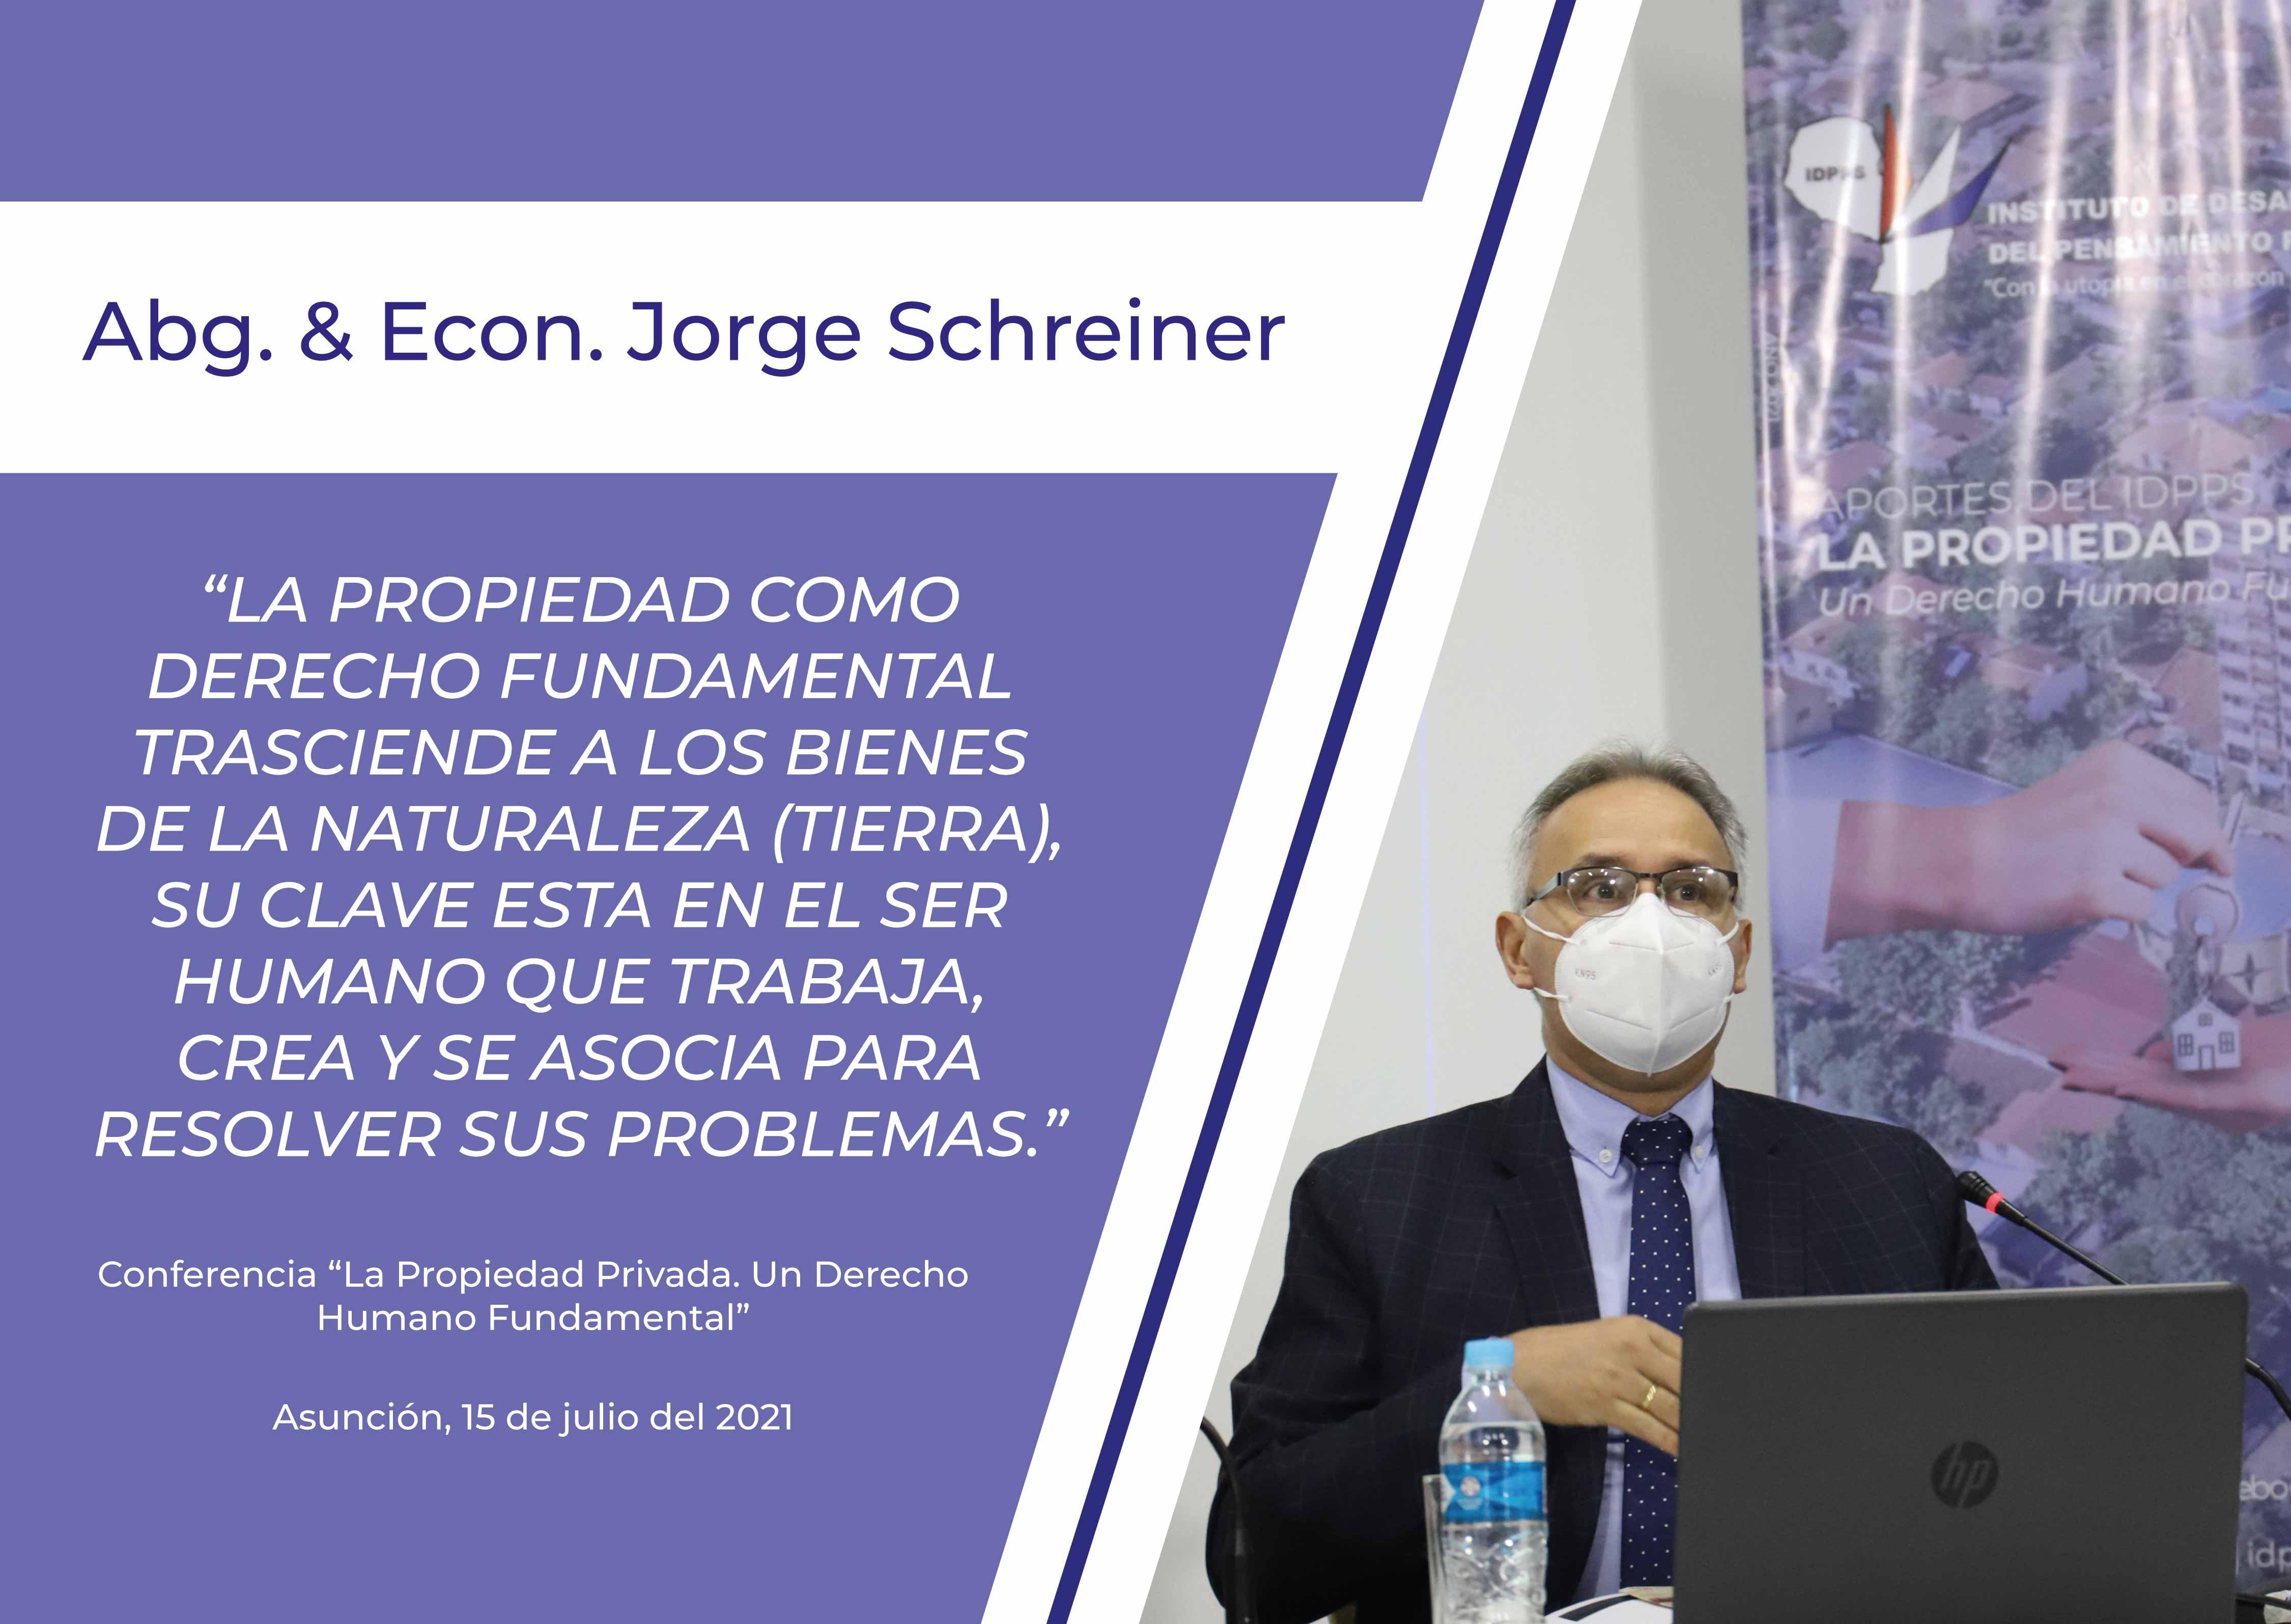 Enfoque Constitucional y Económico a la Propiedad Privada - Abg. & Econ. Jorge Schreiner